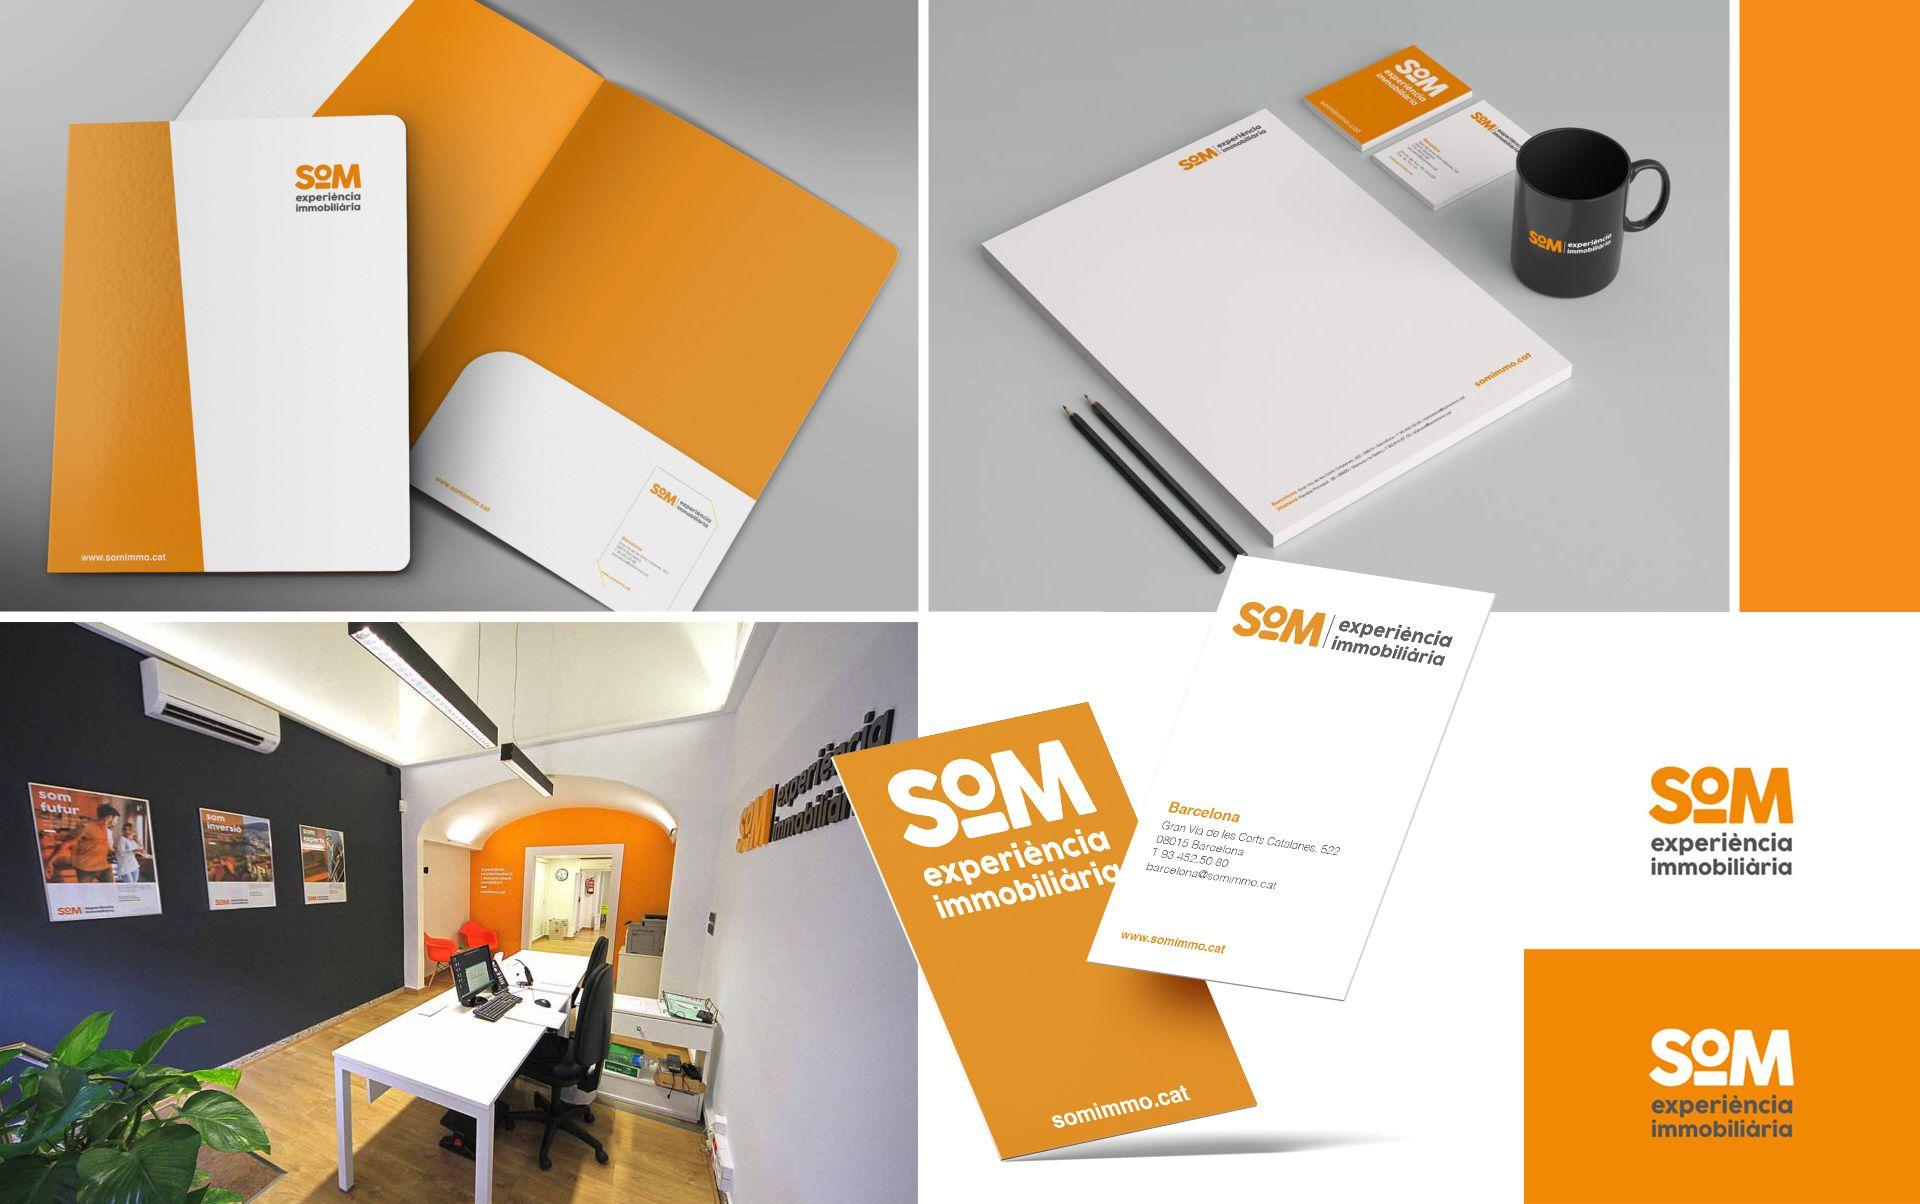 papeleria inmobiliaria barcelona - Naming, branding, registro de marca, aplicaciones de marca...